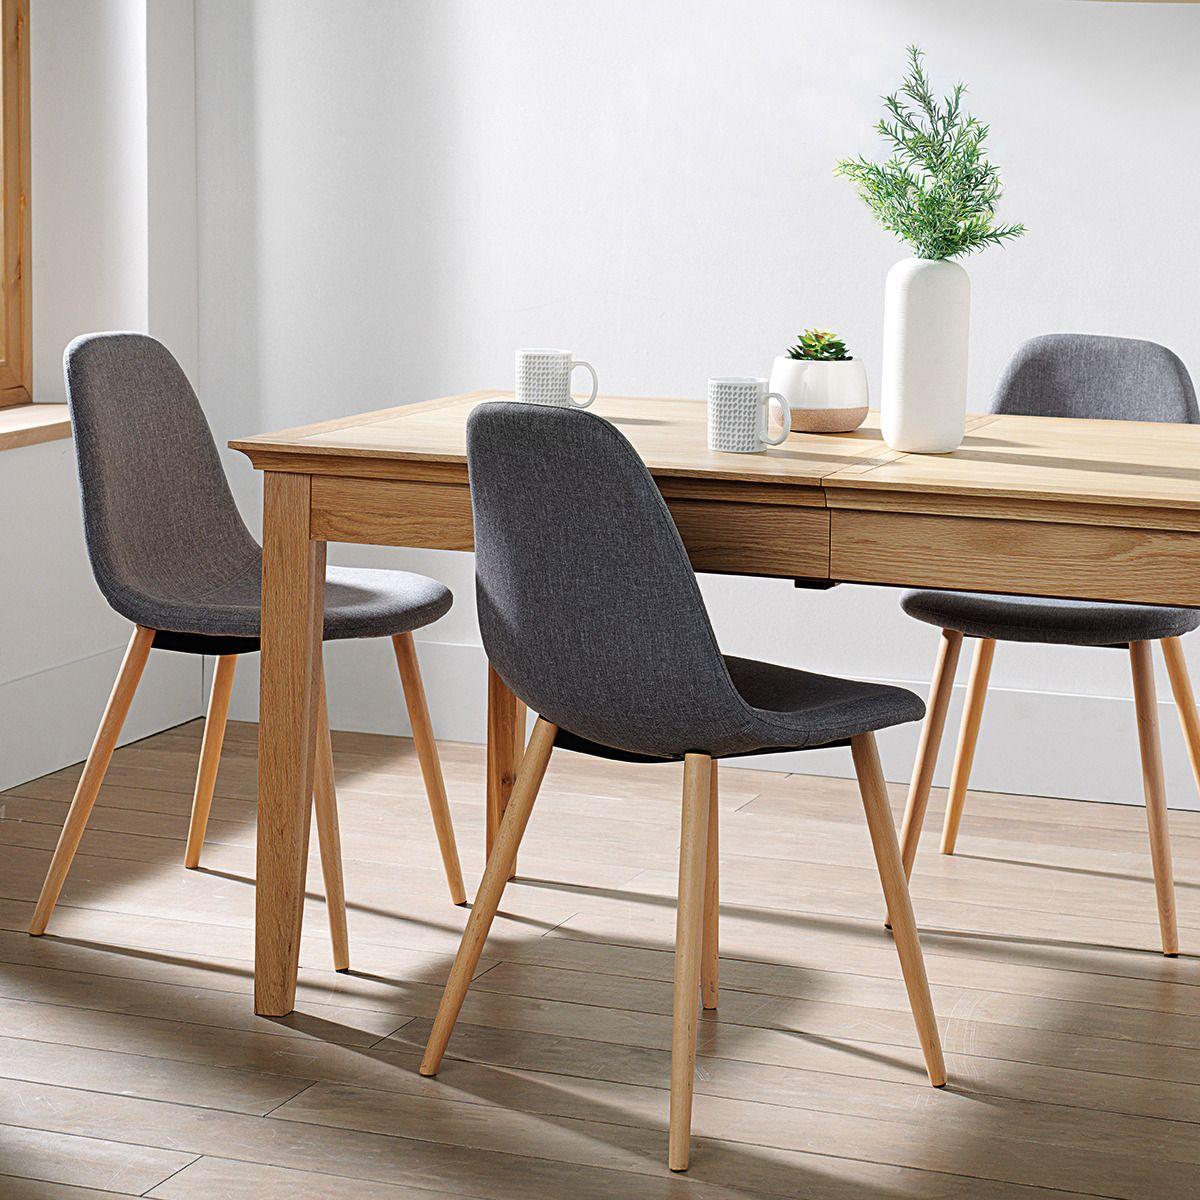 silla de comedor tapizada de madera wendy el corte ingls